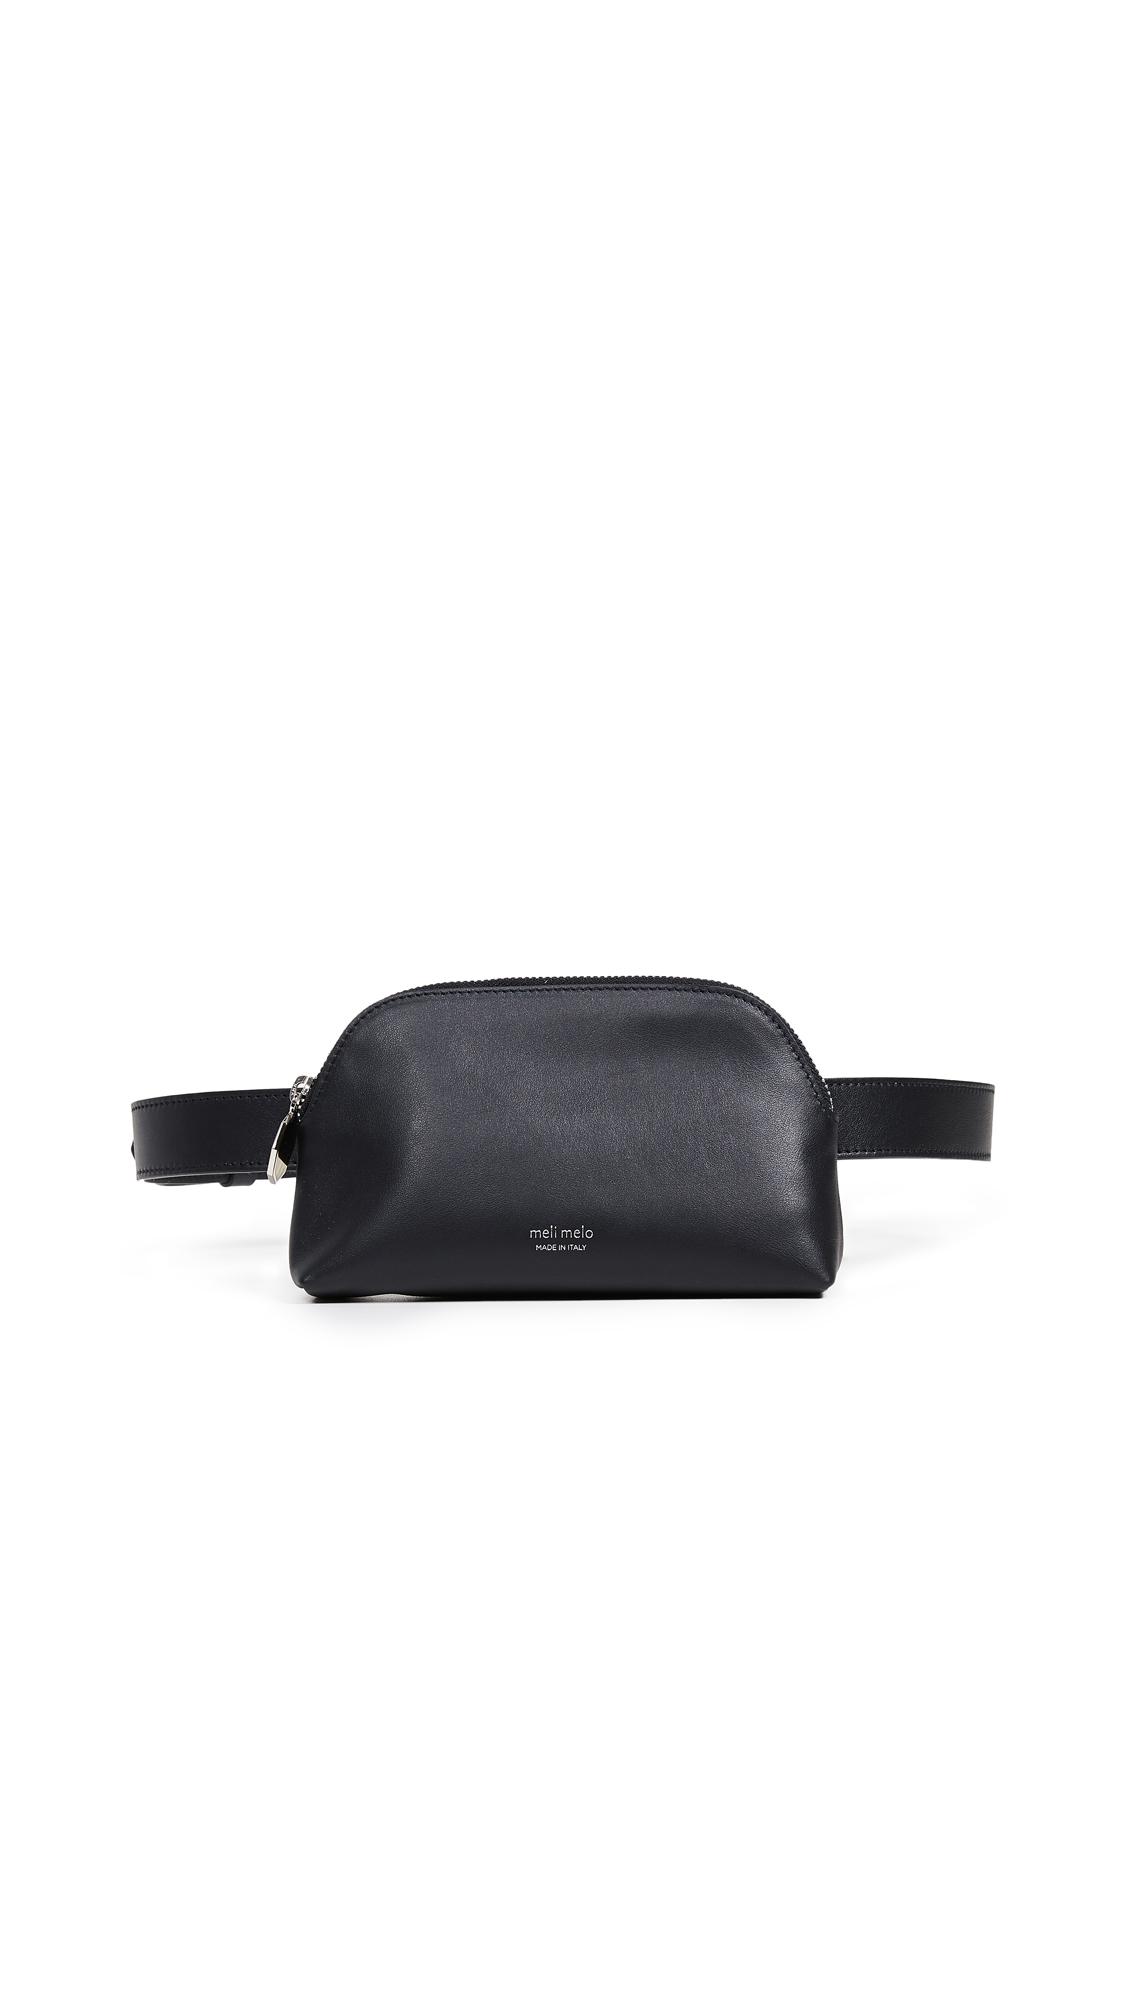 Bum Bag in Black